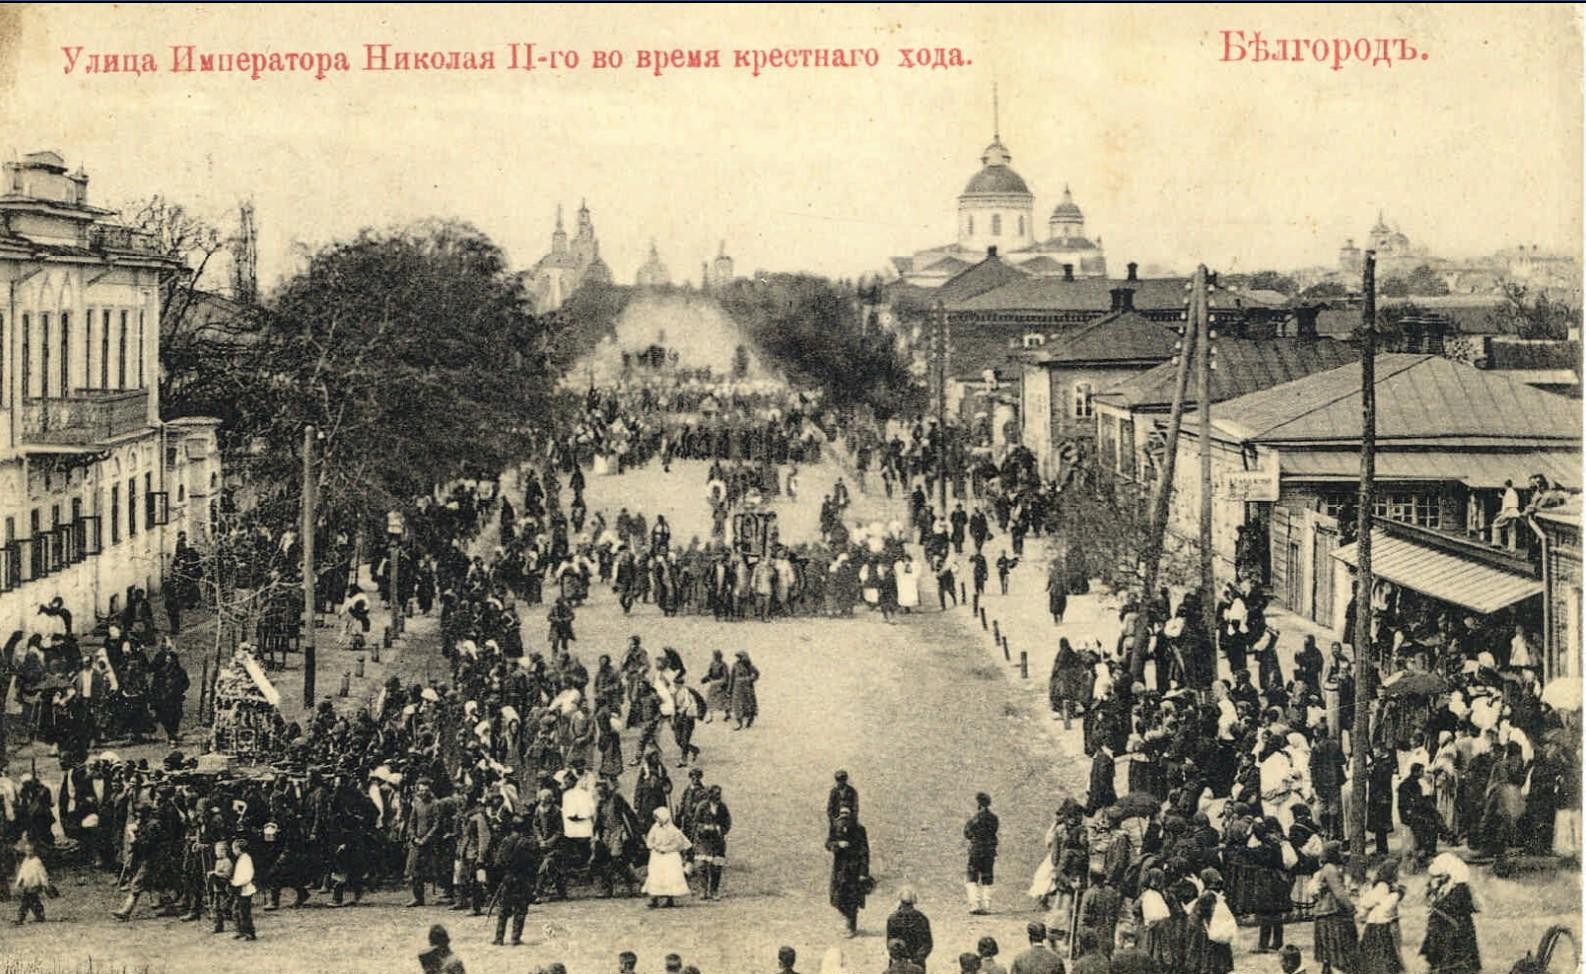 Торжества канонизации Свт. Иосафа Белгородского 4 сентября 1911 года. Улица императора Николая II во время крестного хода